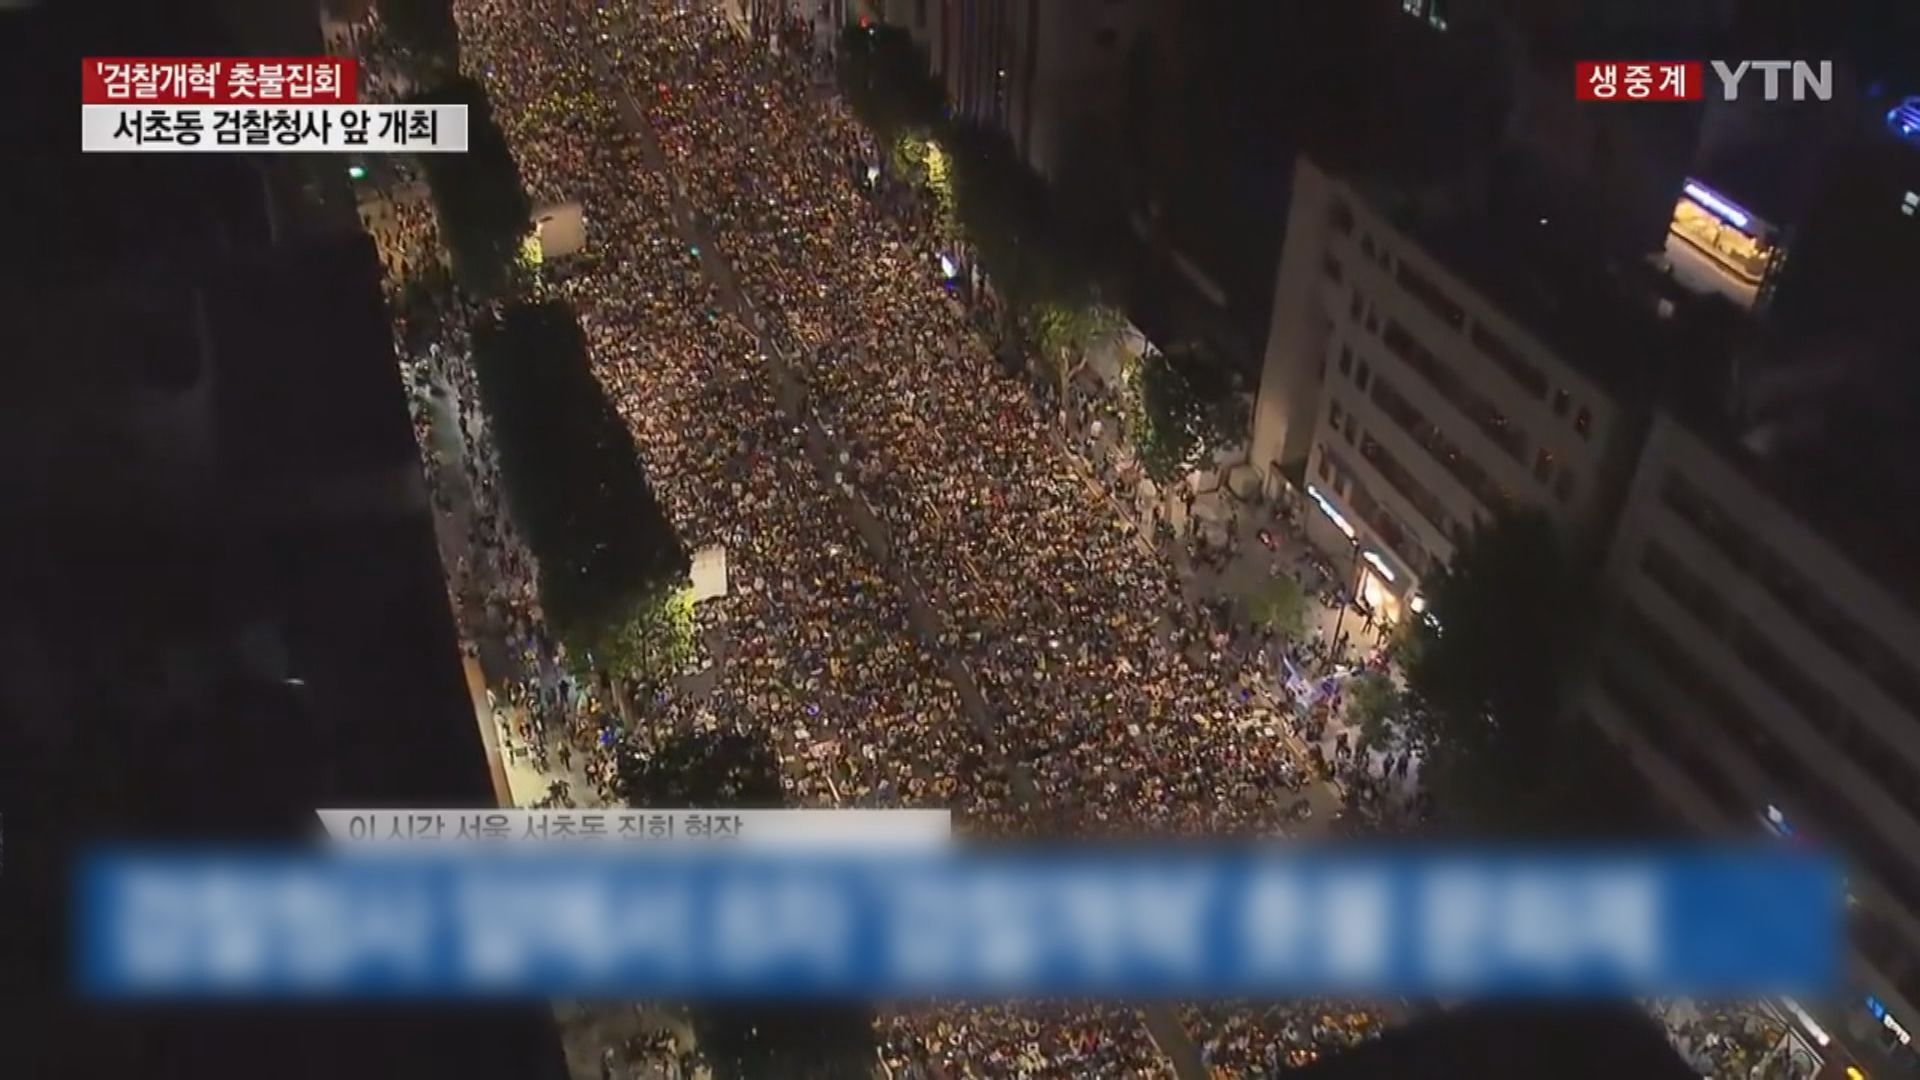 南韓分別有支持和反對曹國集會